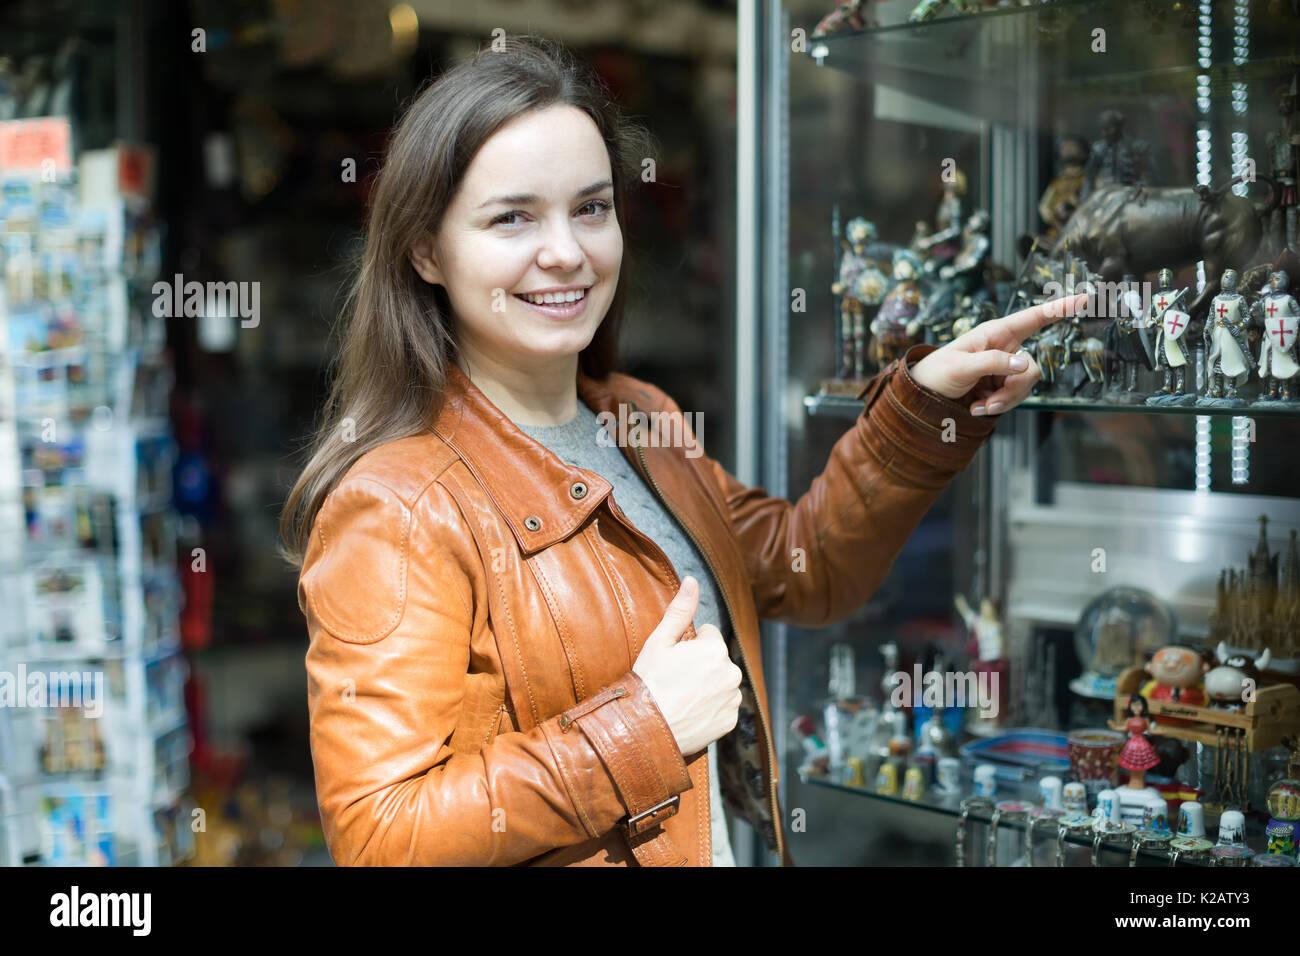 d24a71fa6a9 feliz-longhaired-joven-mujer-chaqueta-de-cuero -en-comprar-cosas-para-la-memoria-en-la-tienda-de-regalos-k2aty3.jpg